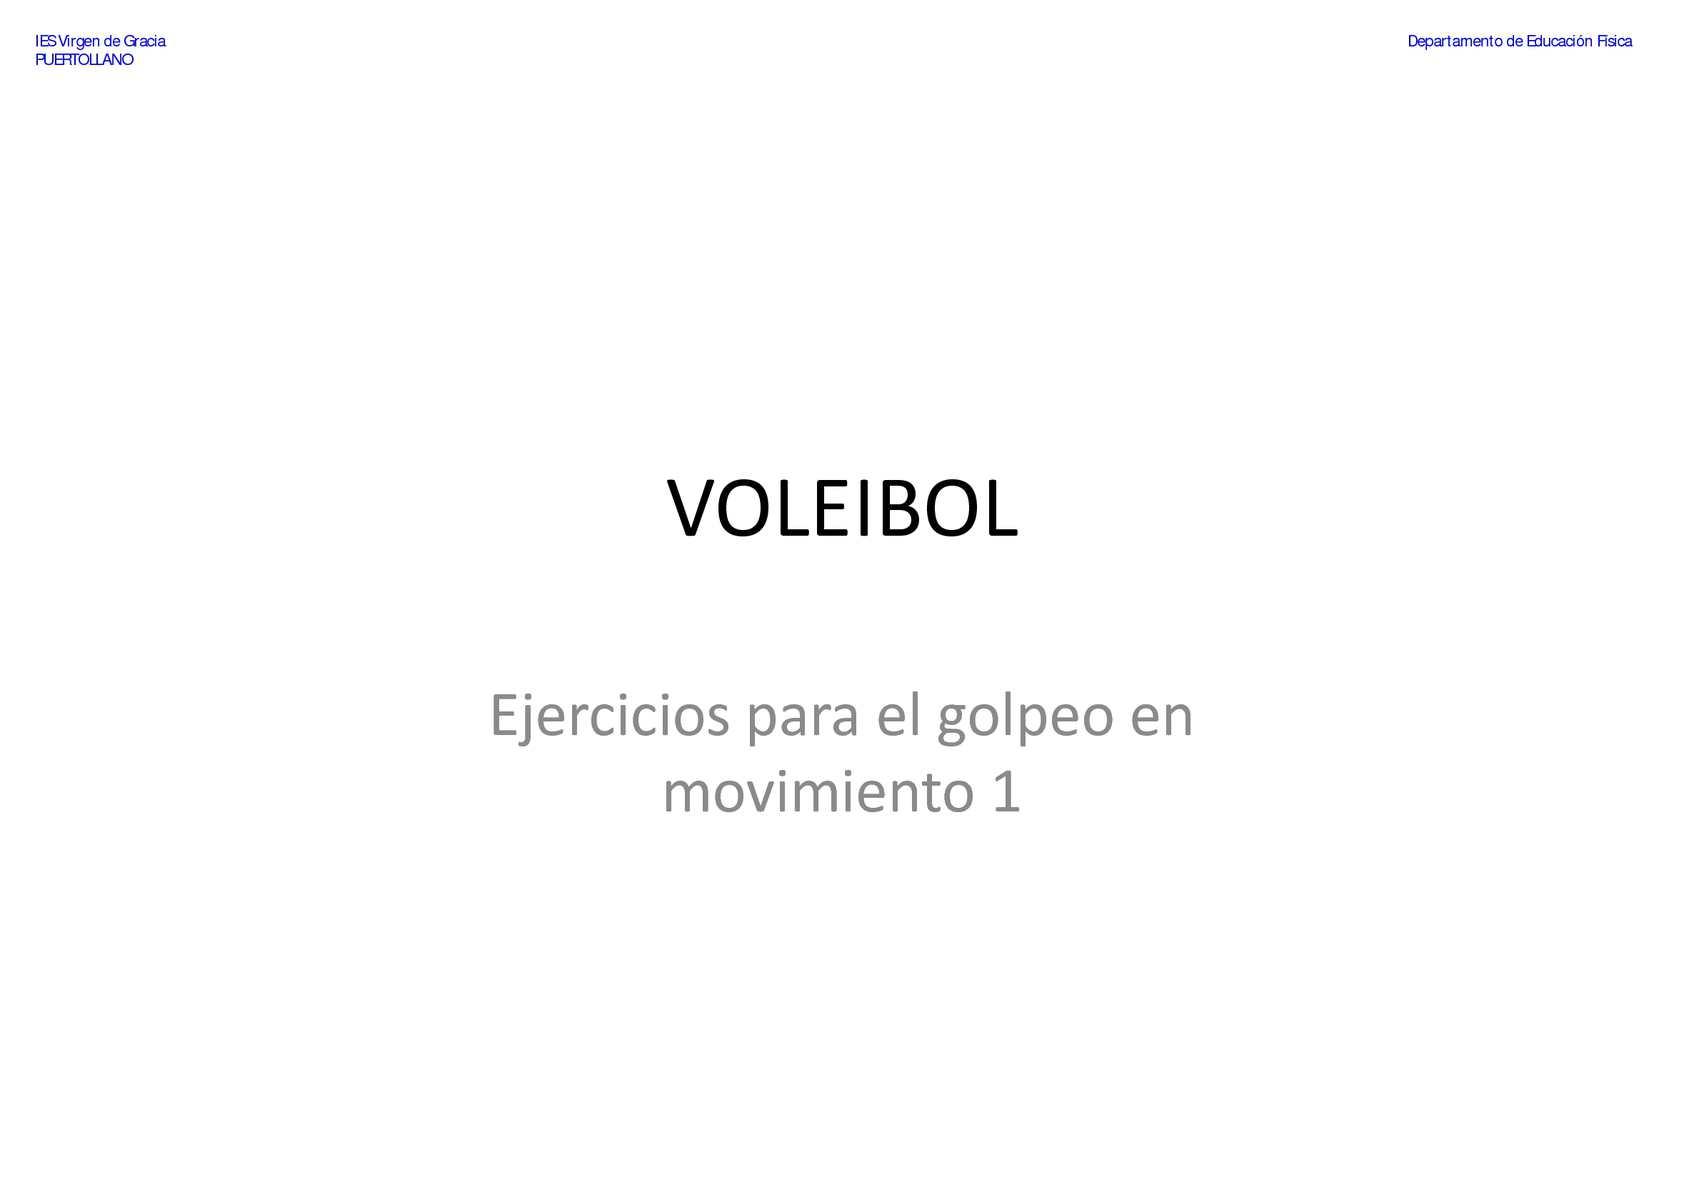 VOLEIBOL - Pase de dedos - Ejercicios para el golpeo en movimiento 1